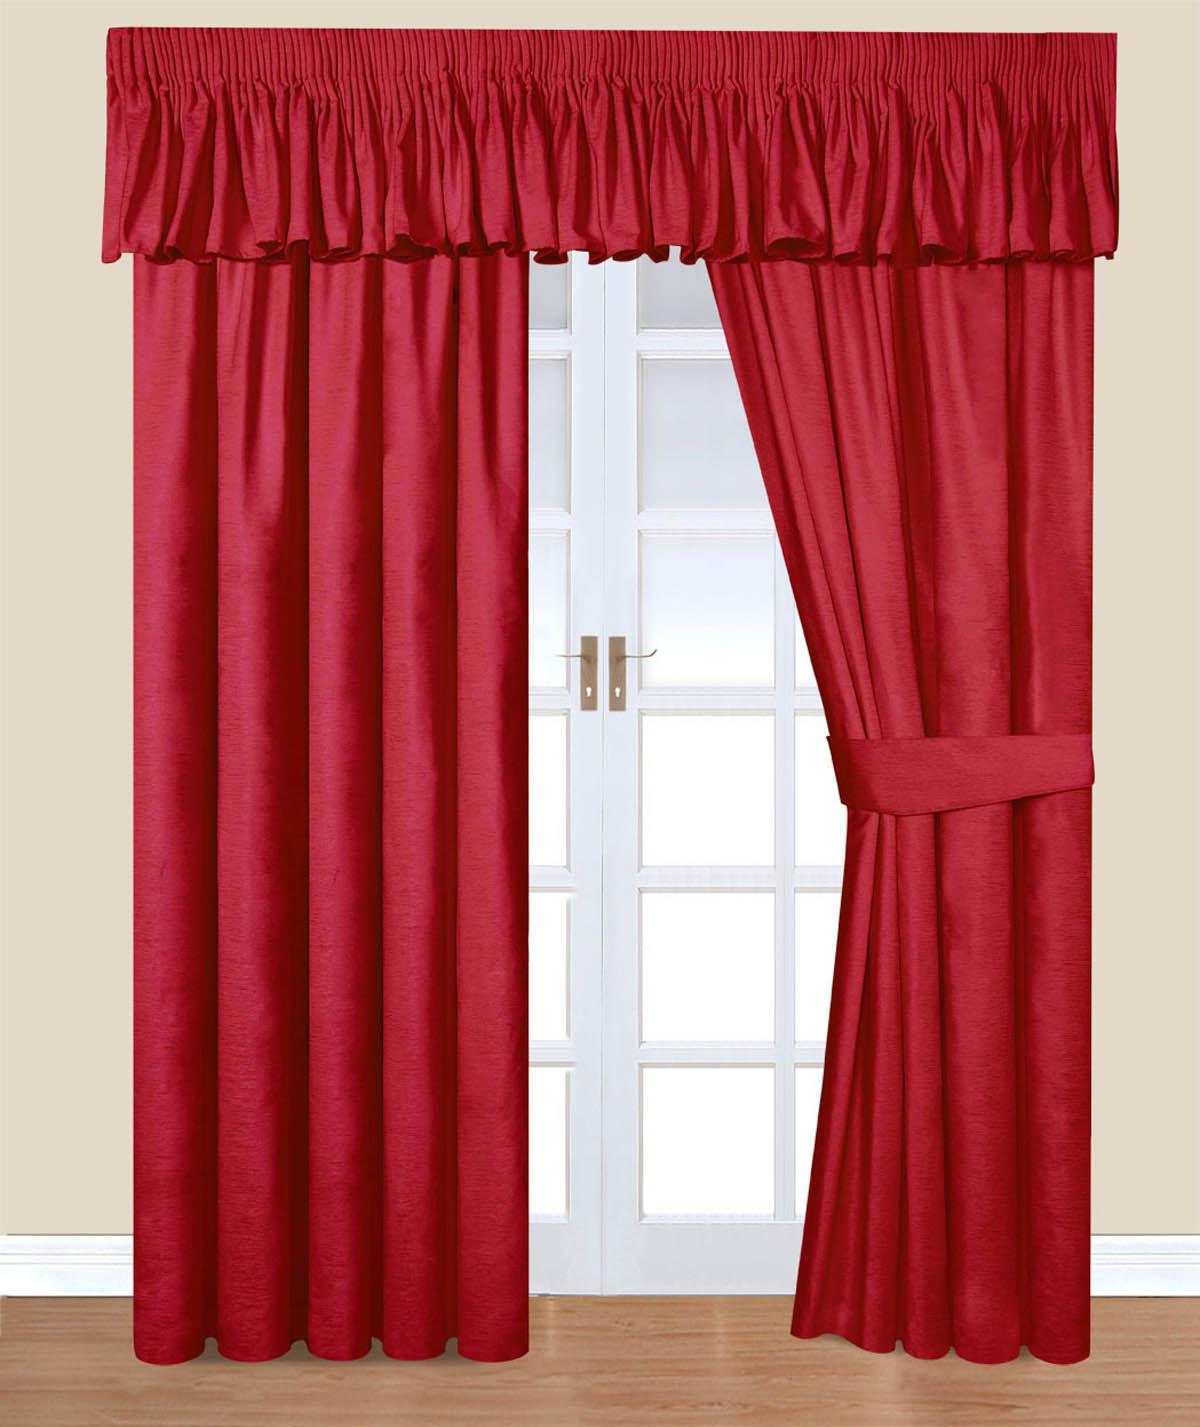 Red Velvet Velvet Ready Made Curtains Free UK Delivery Terrys - Ready made curtains red